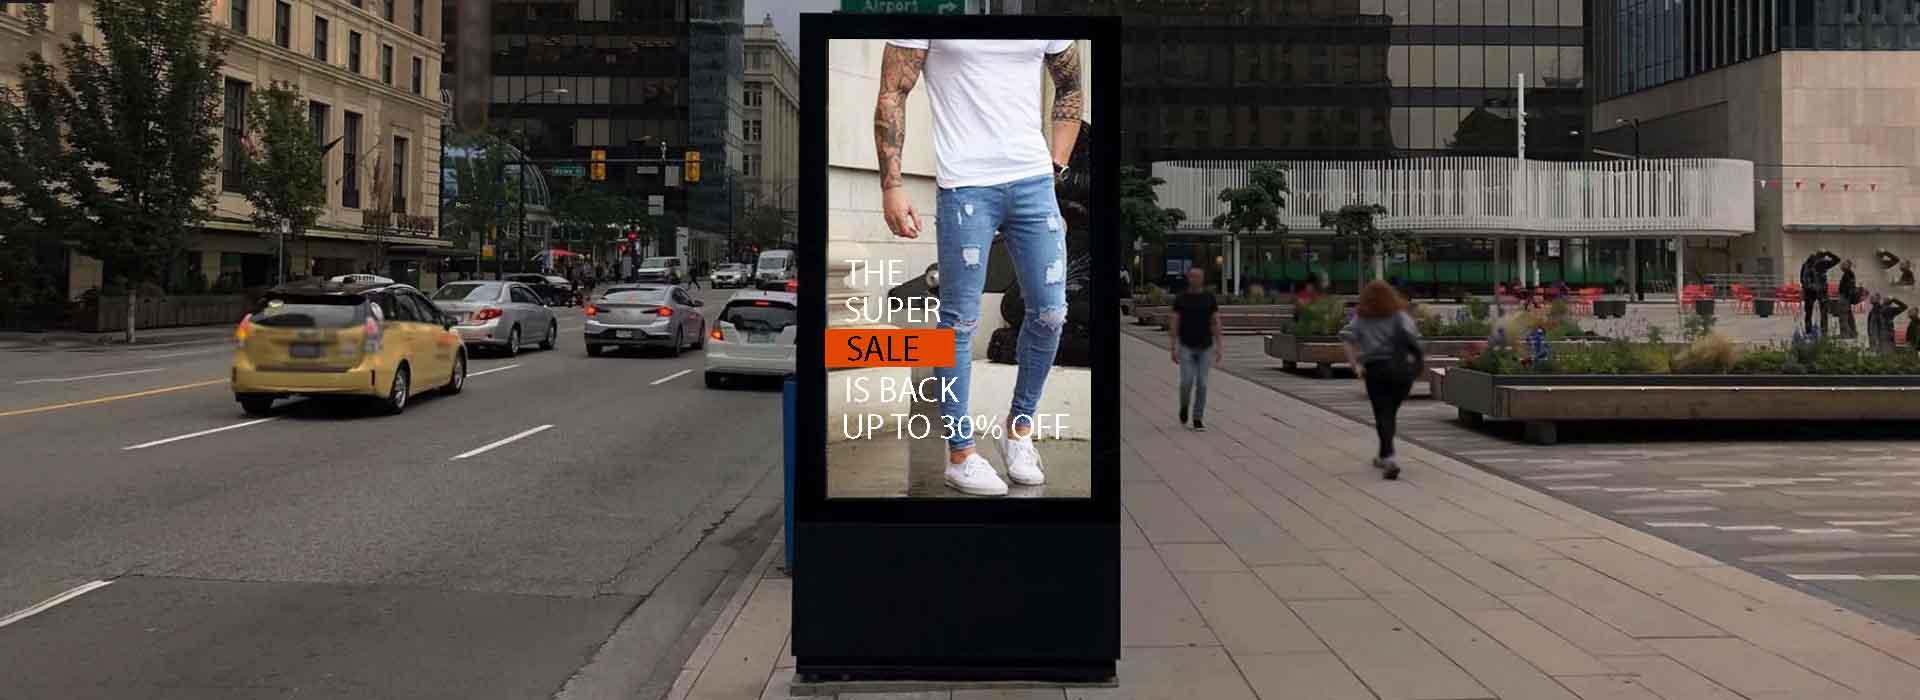 outdoor kiosk banner